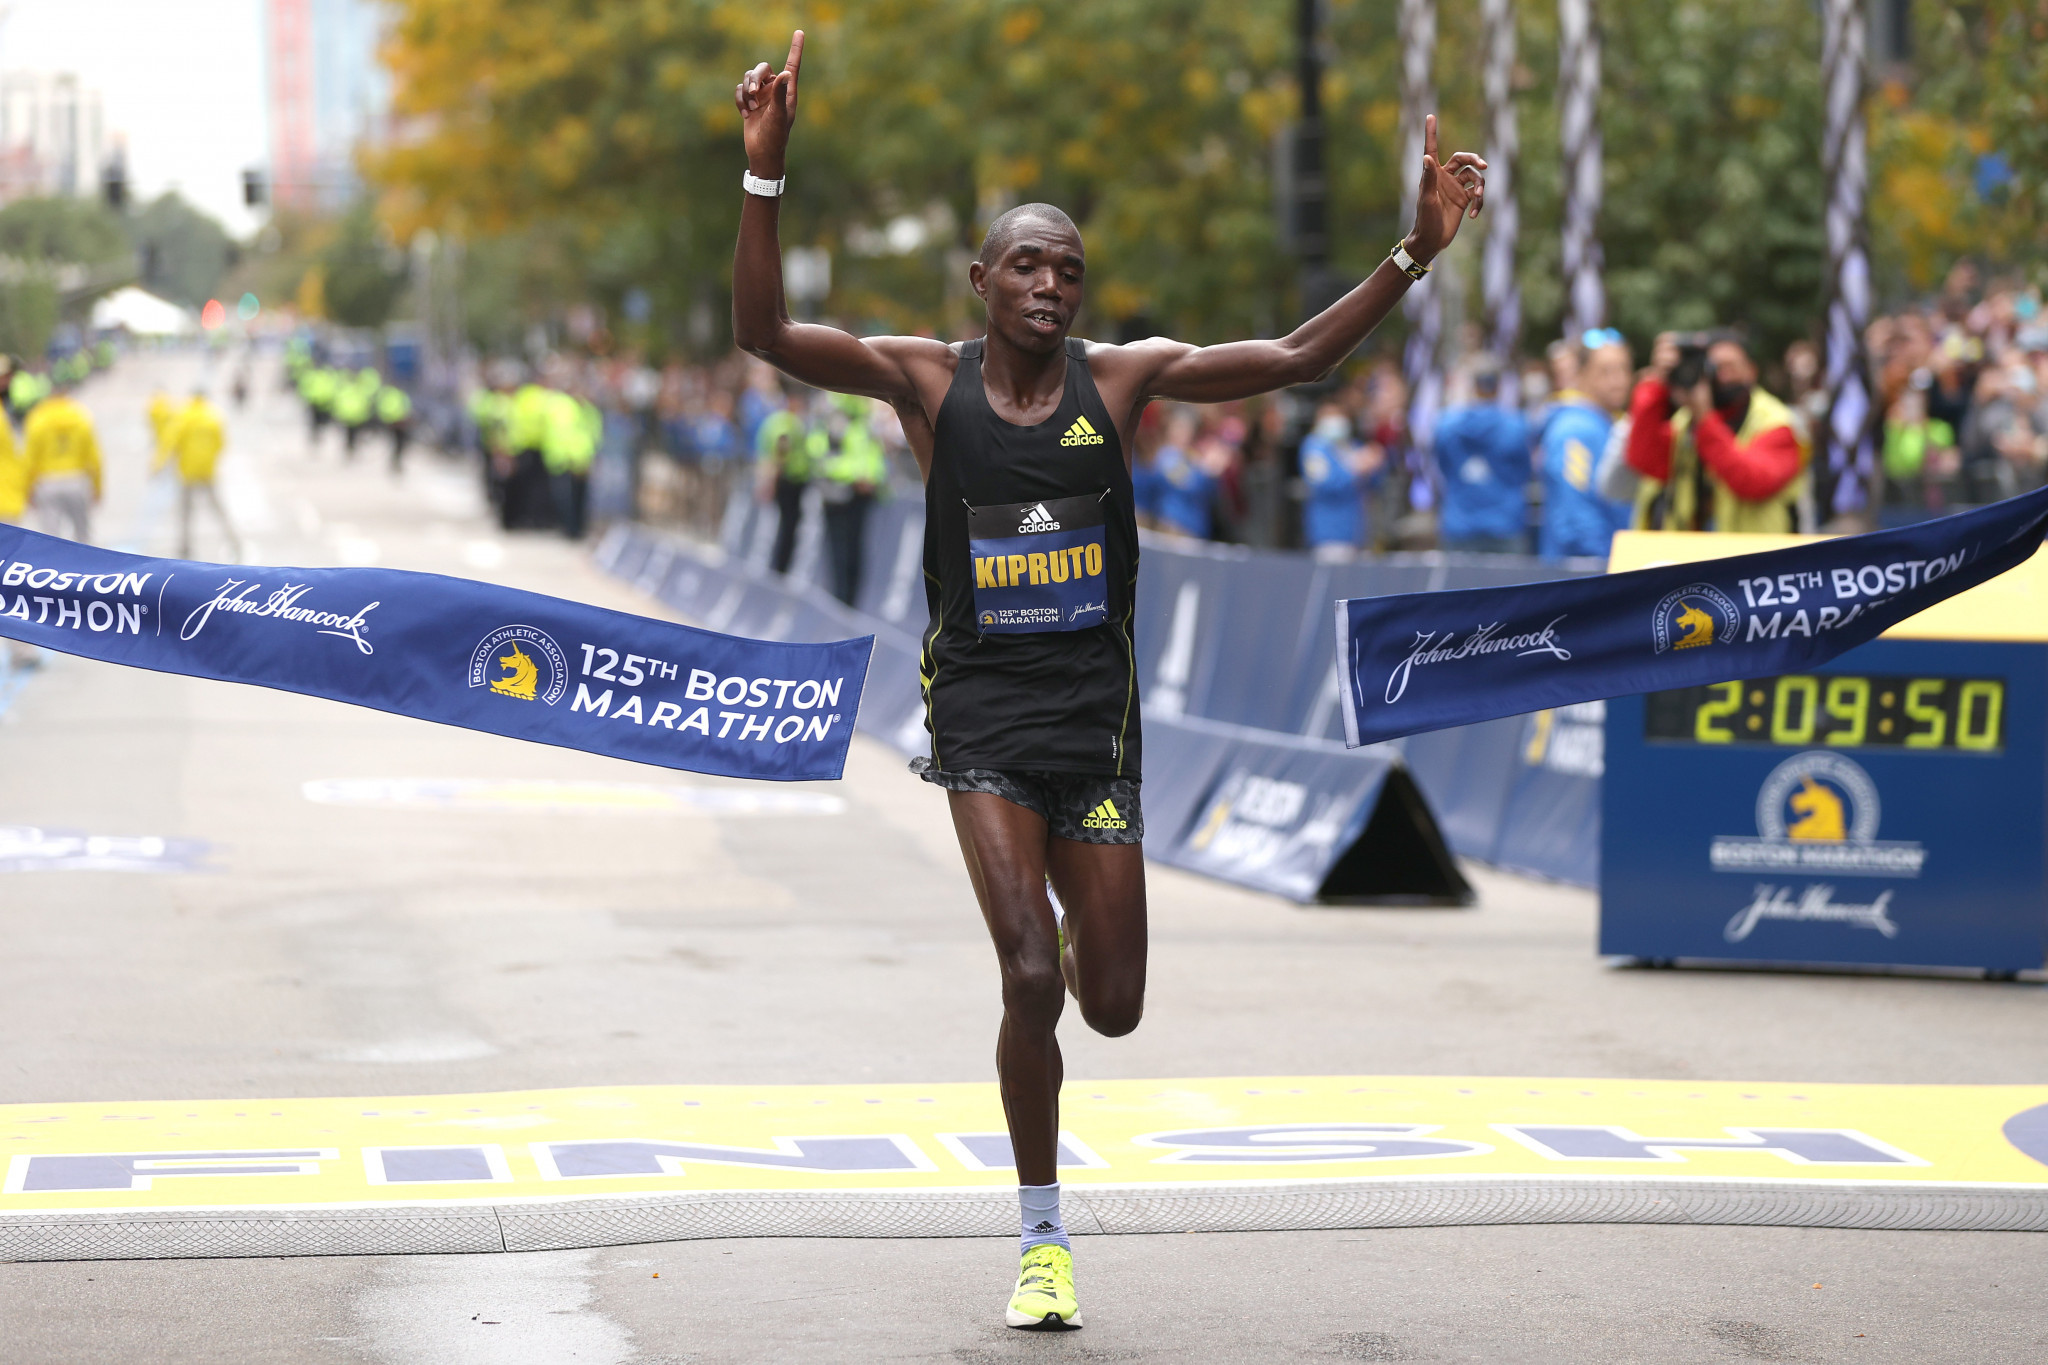 Kenyans Kipruto and Kipyogei victorious at Boston Marathon